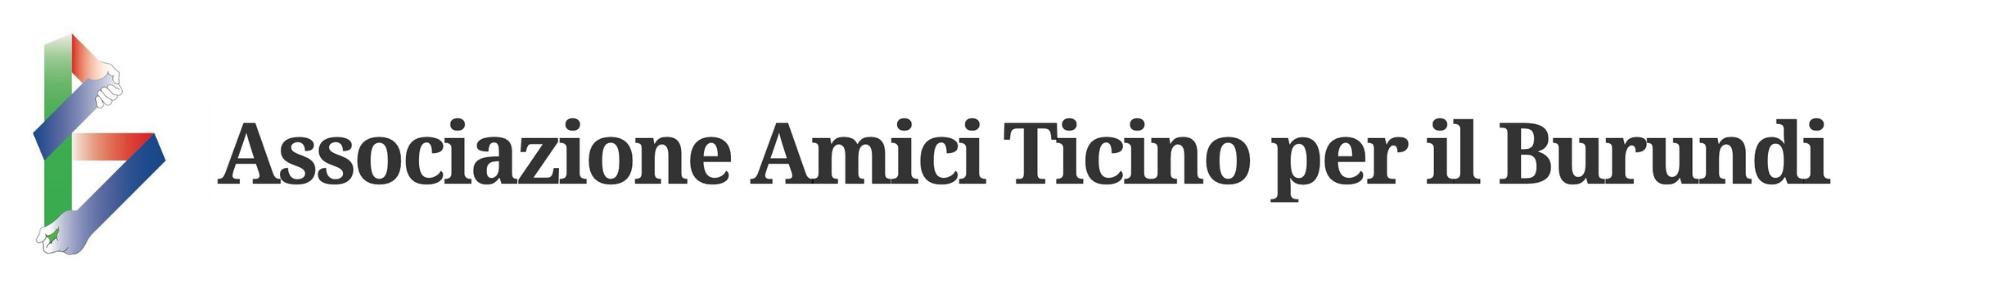 Associazione Amici Ticino per il Burundi